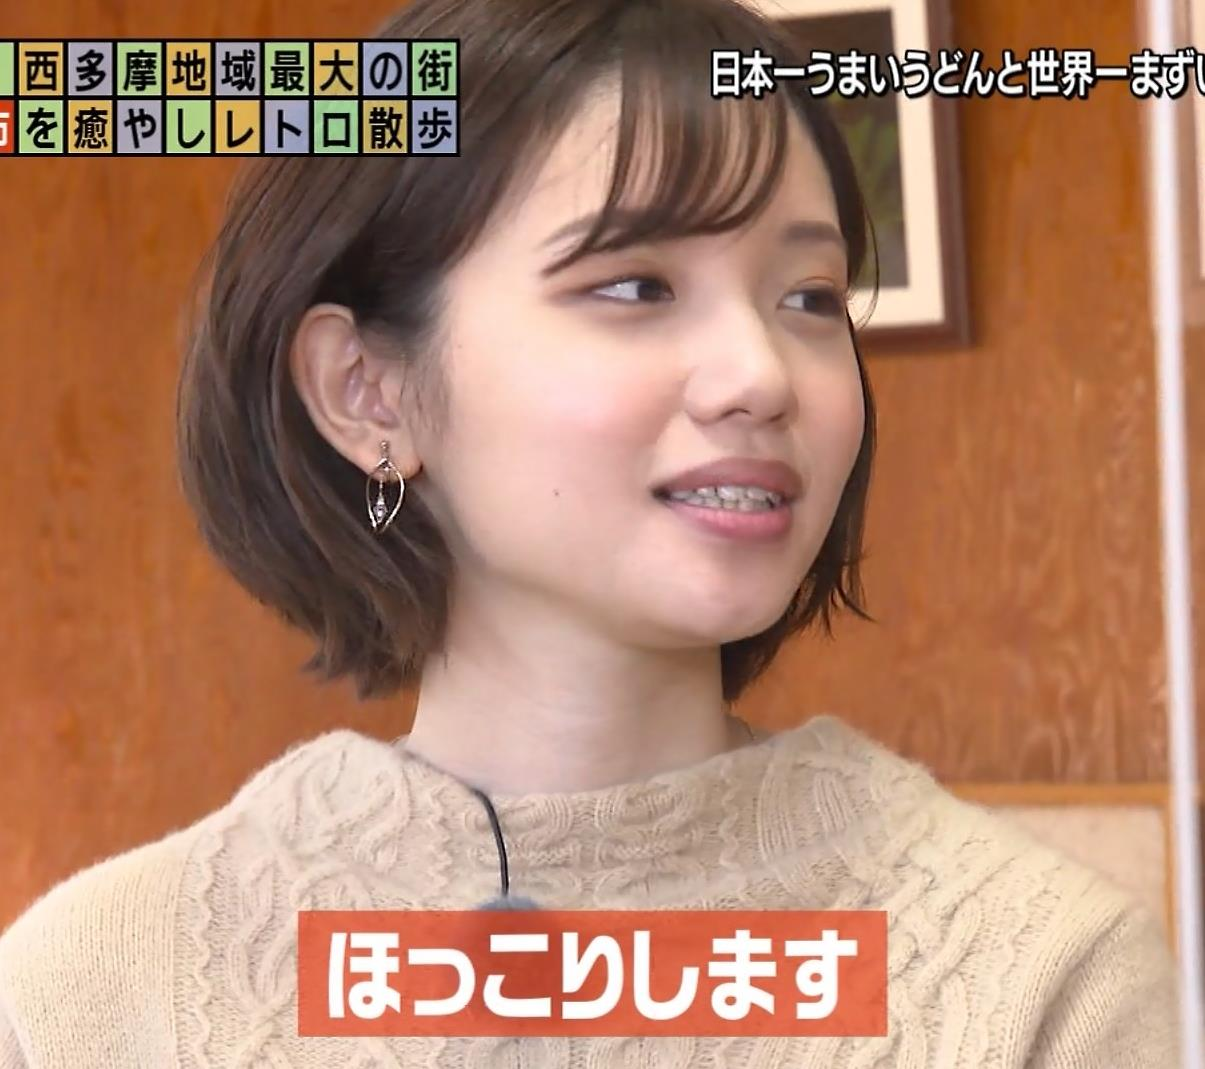 田中瞳アナ ワンピースお尻キャプ・エロ画像